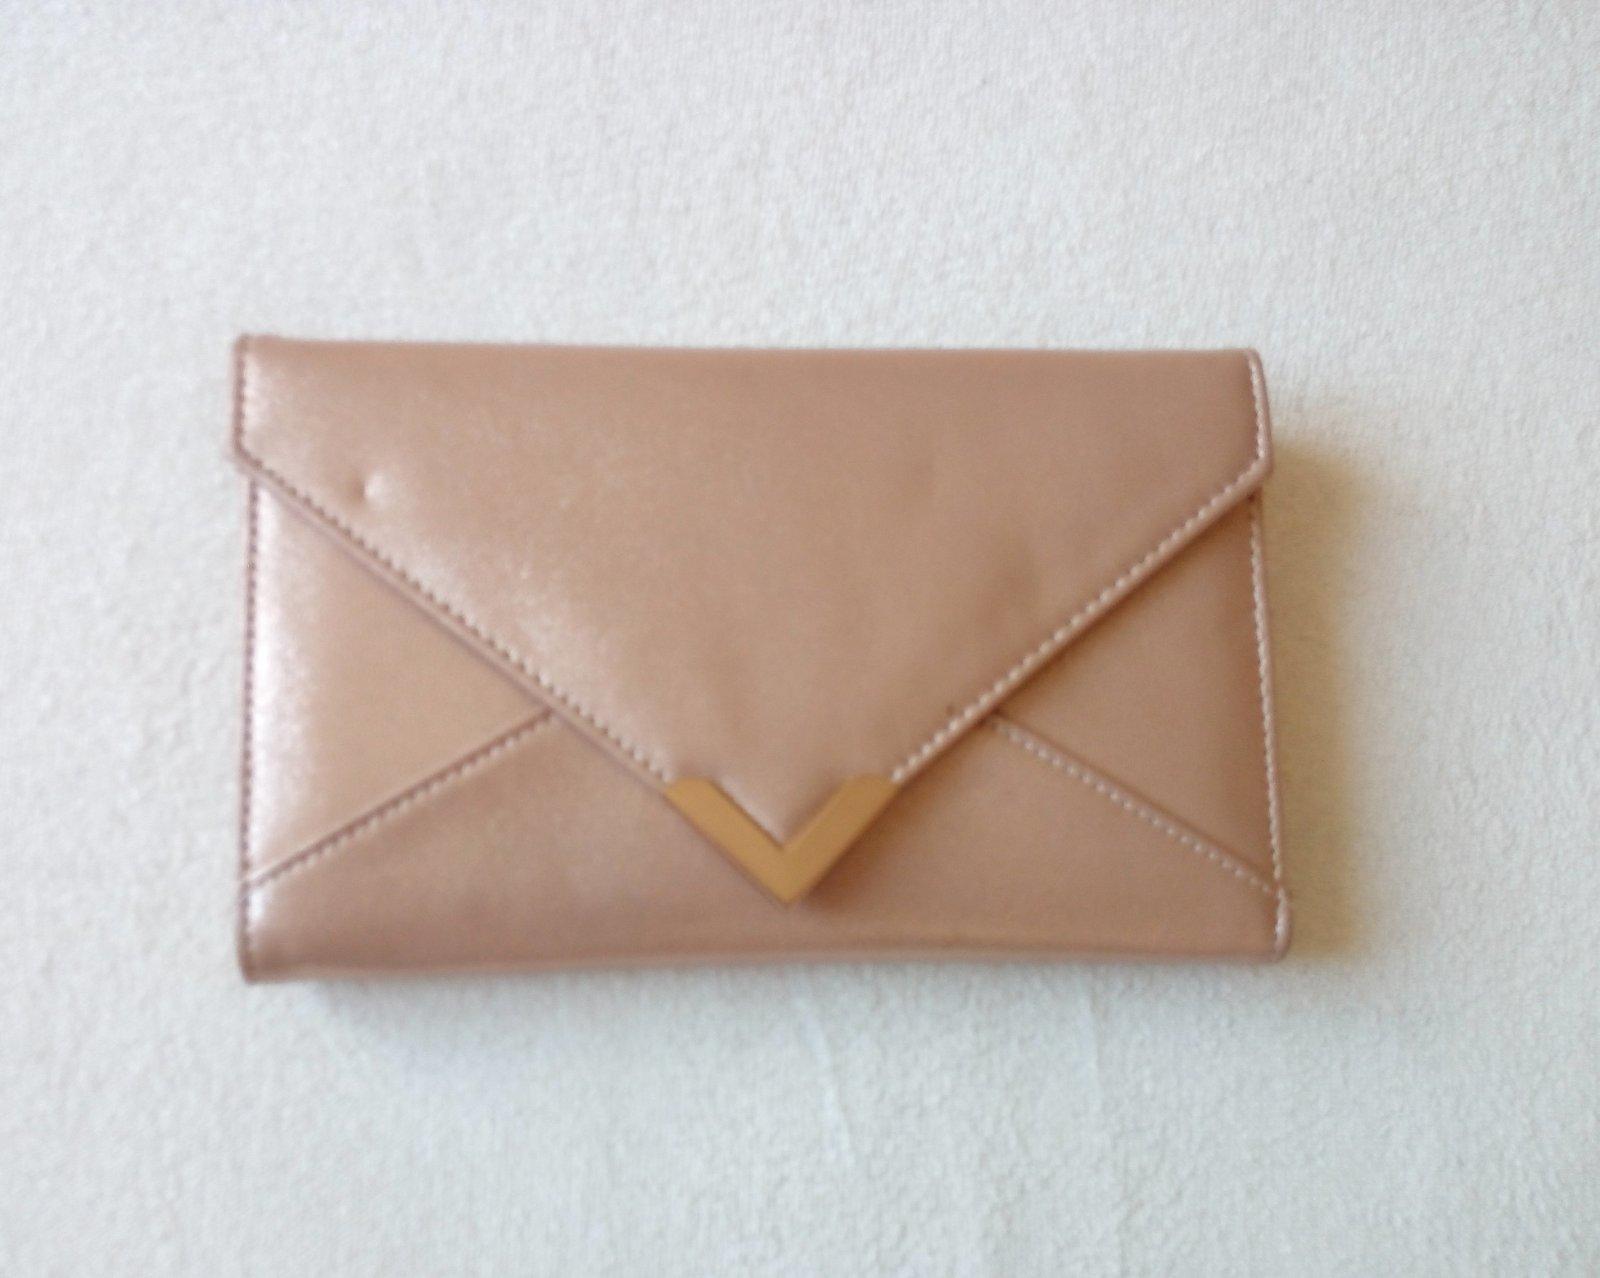 Zlatá kabelka Six - Obrázok č. 2